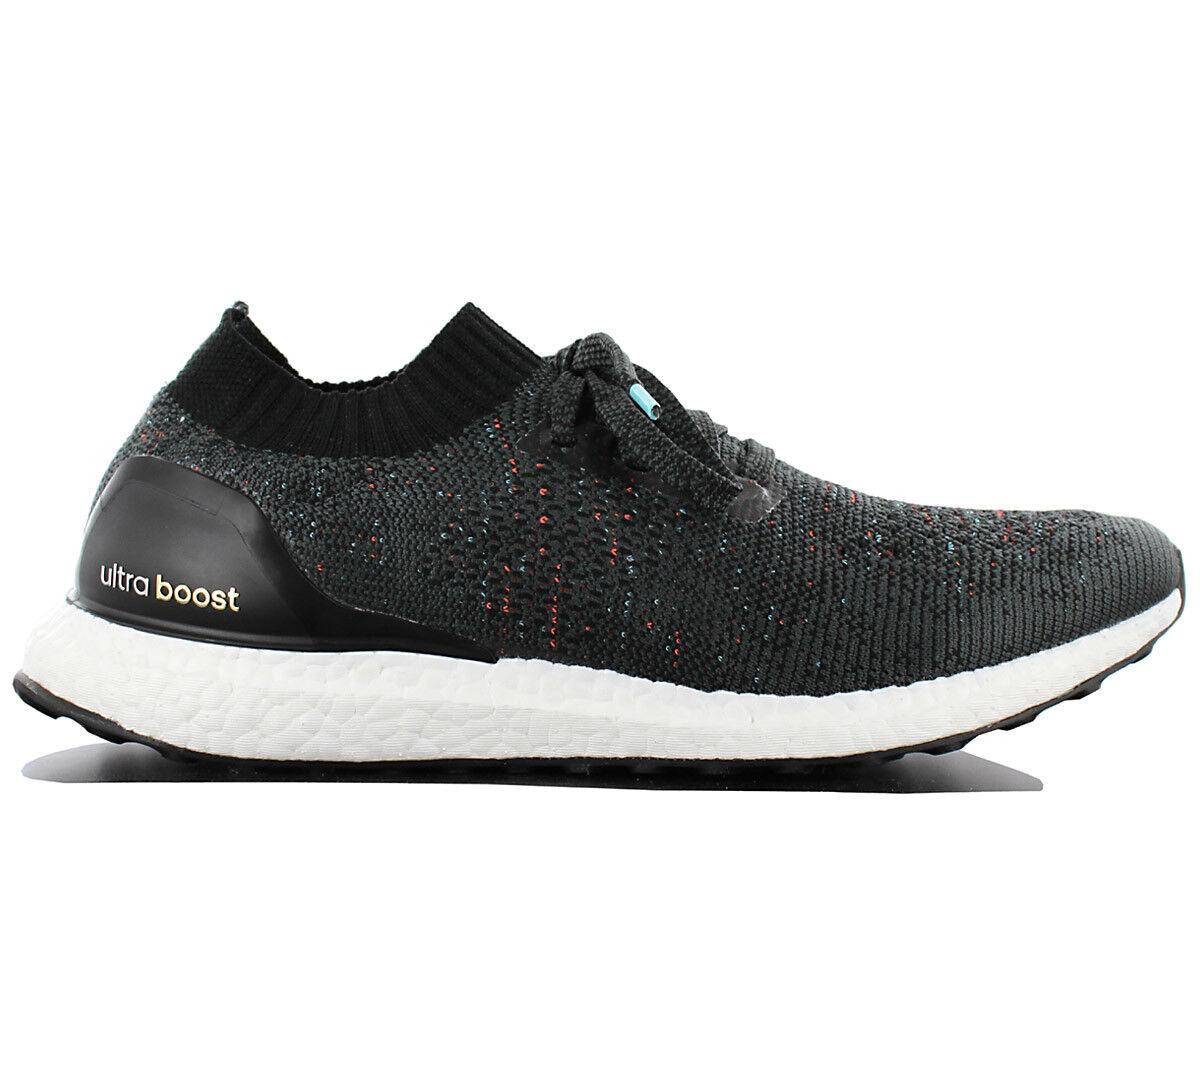 Adidas ultra impulso primeknit fece uscire scarpe da da uomo ultraboost scarpe da scarpe corsa bb4486 272879